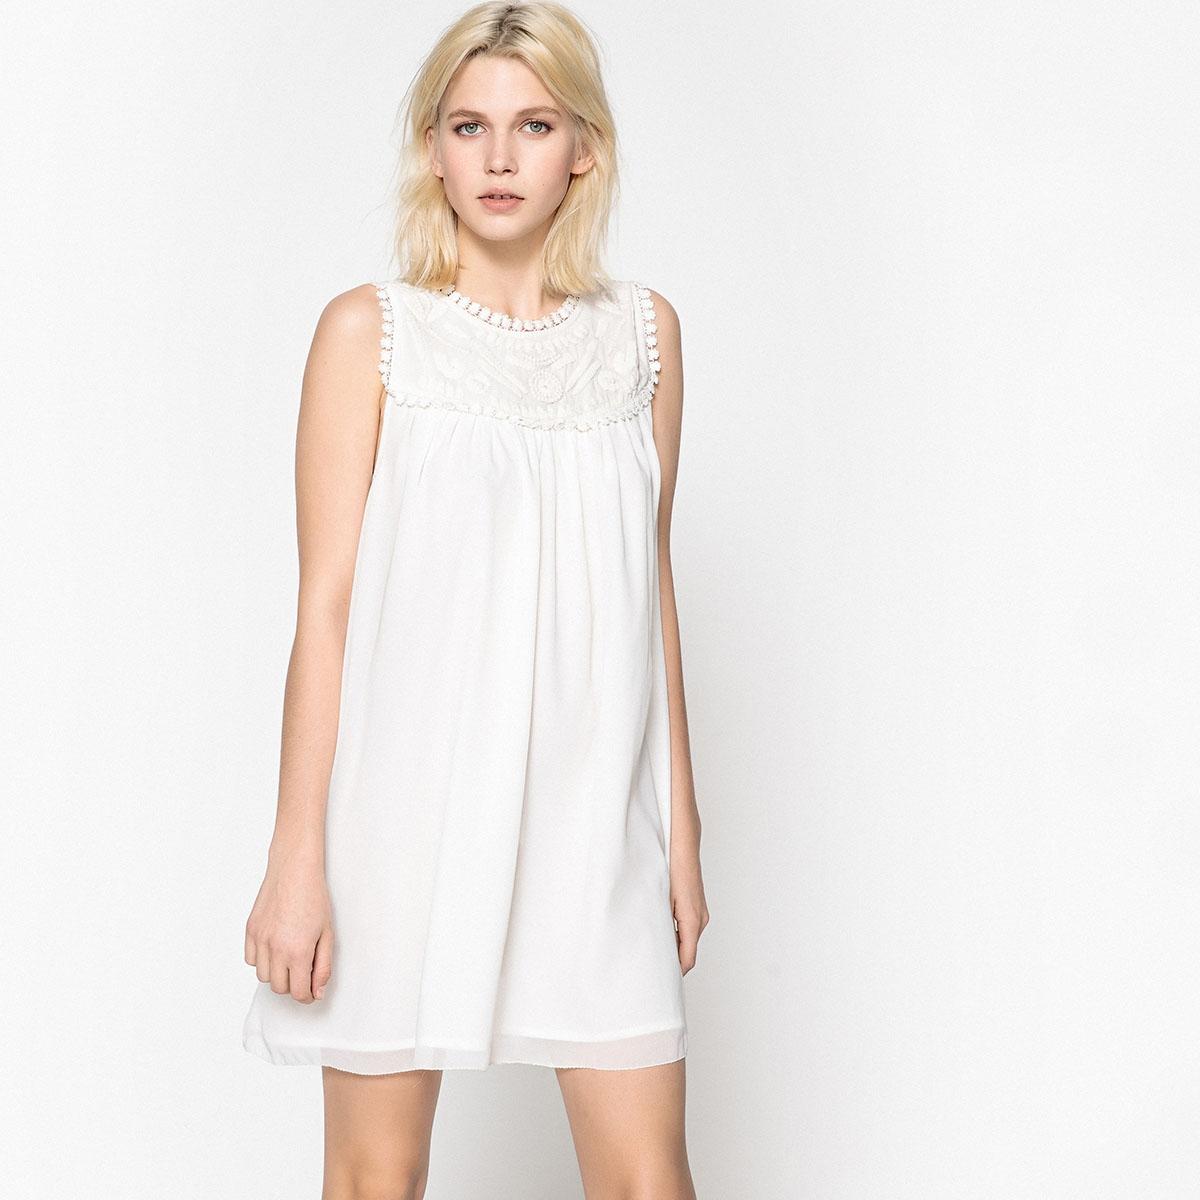 Платье короткое, прямое, однотонное, без рукавов